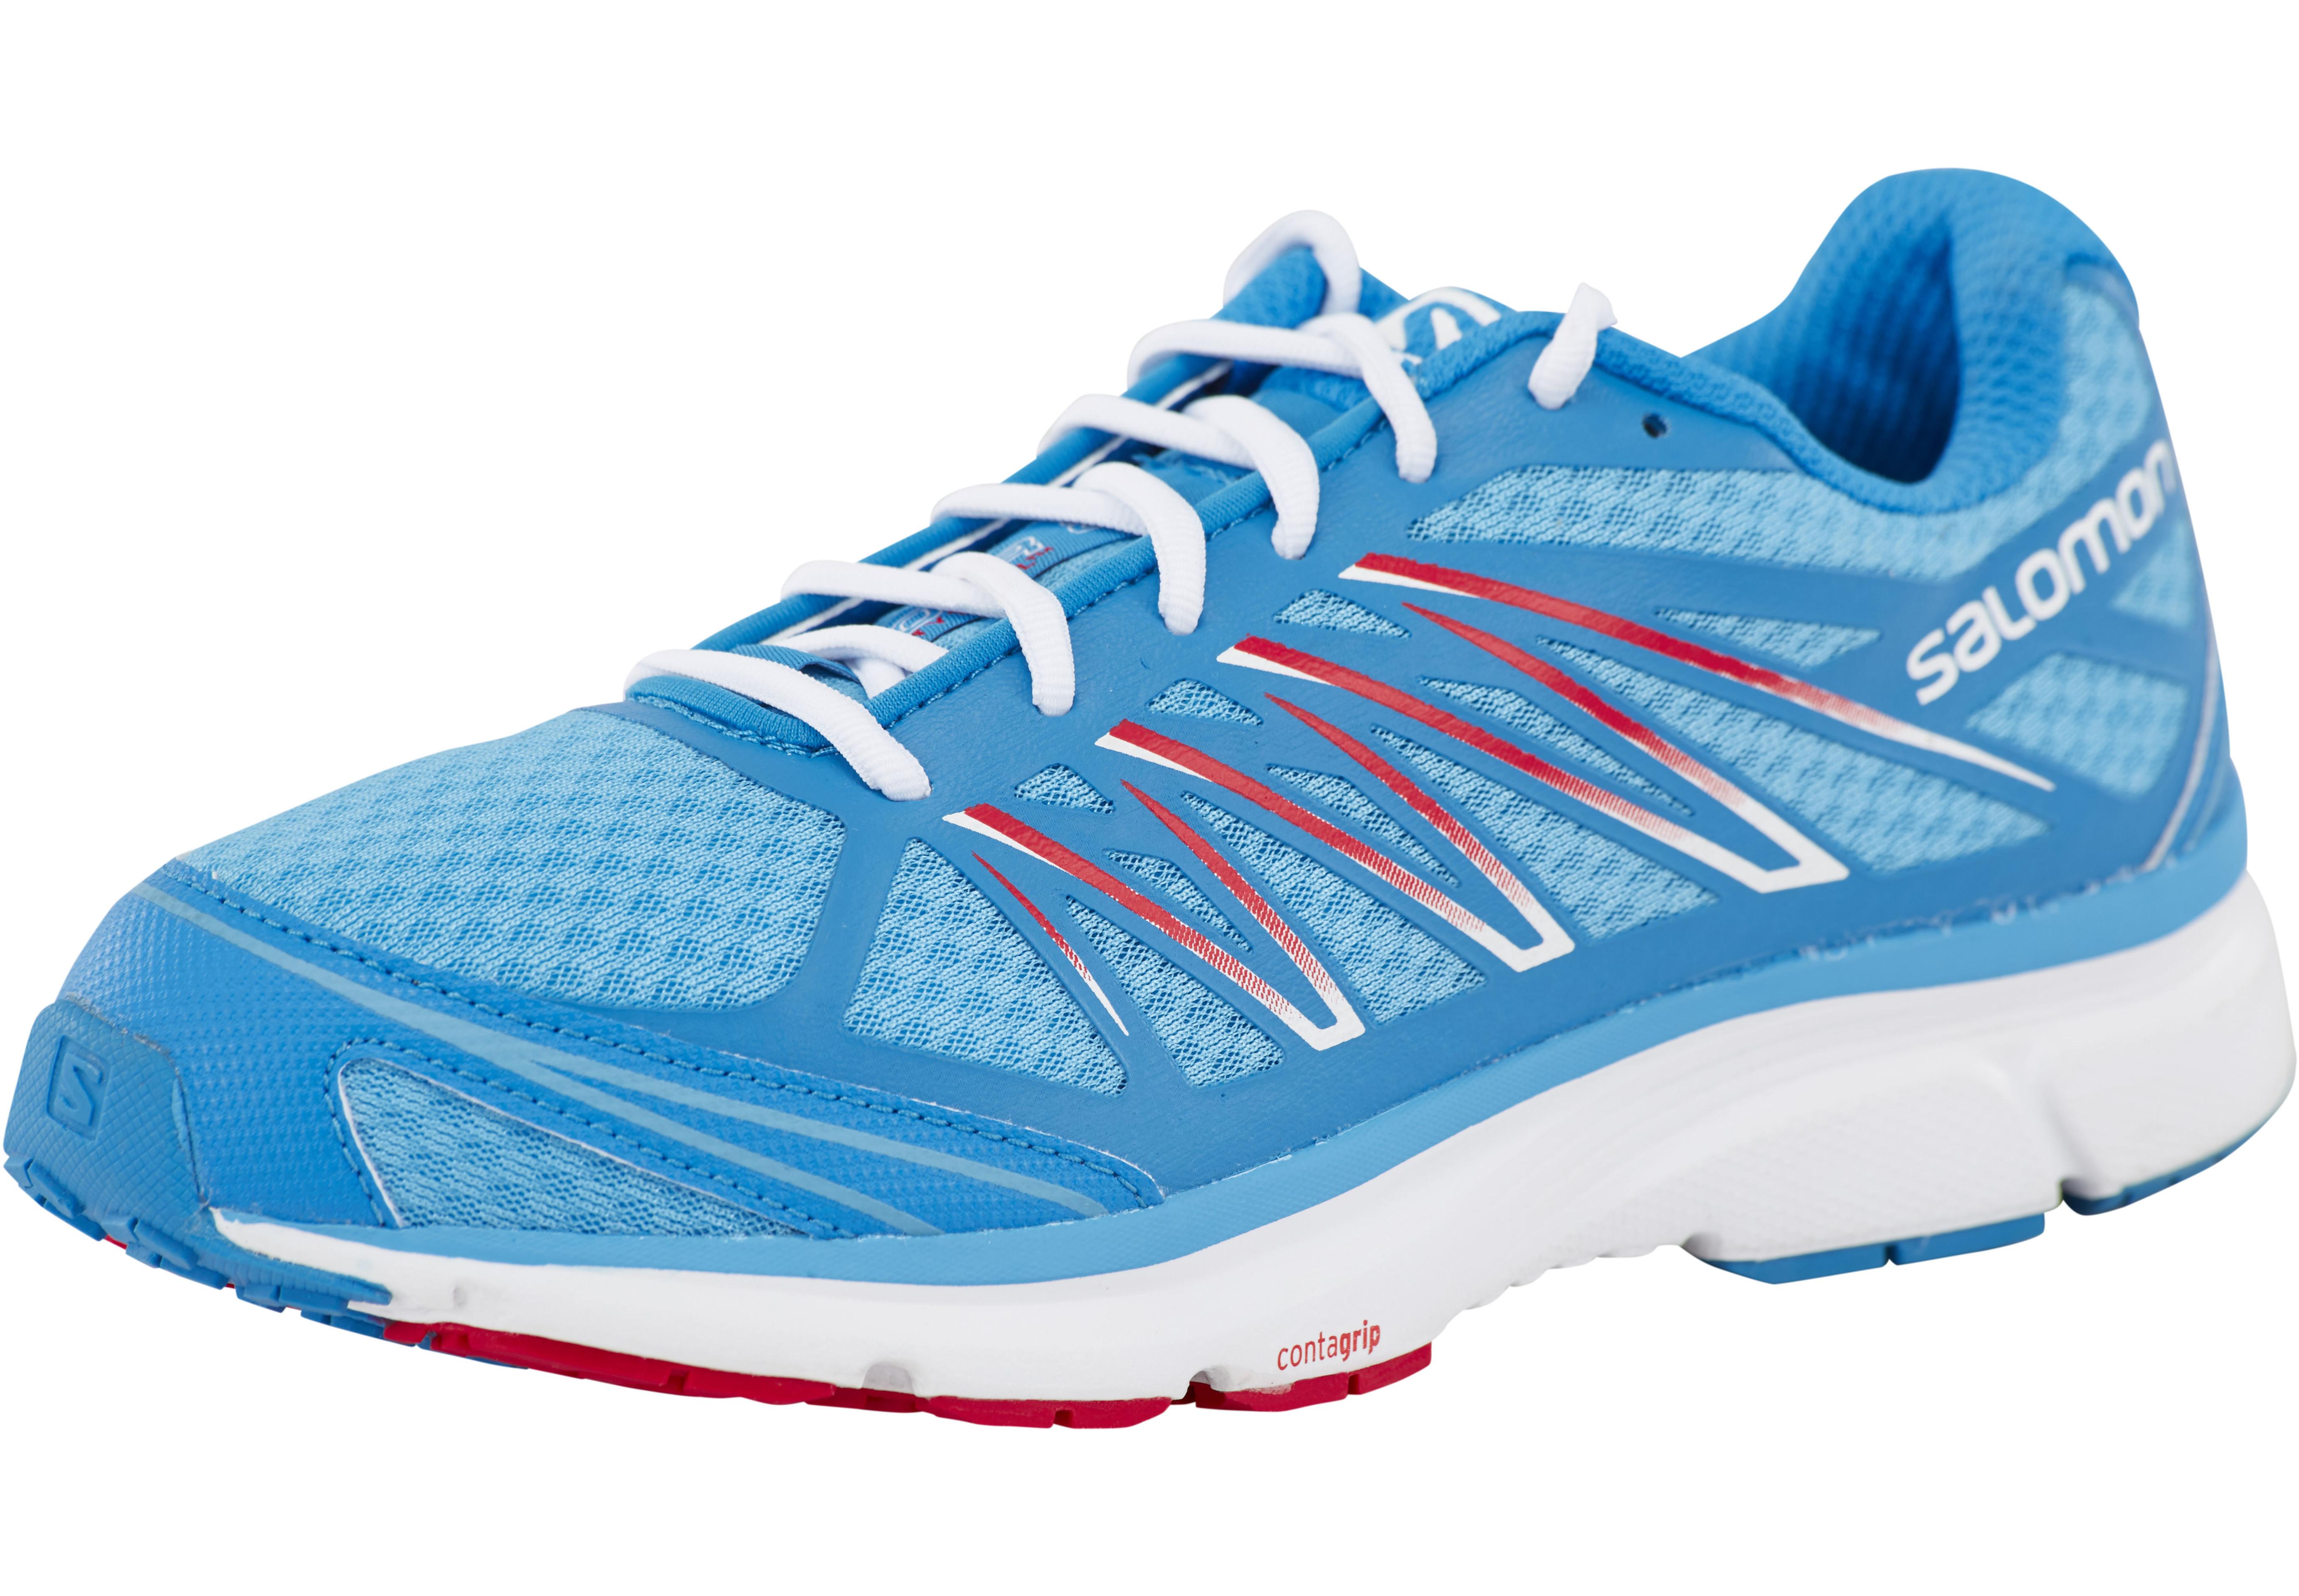 Chaussures de running x-tour 2 gris et bleu